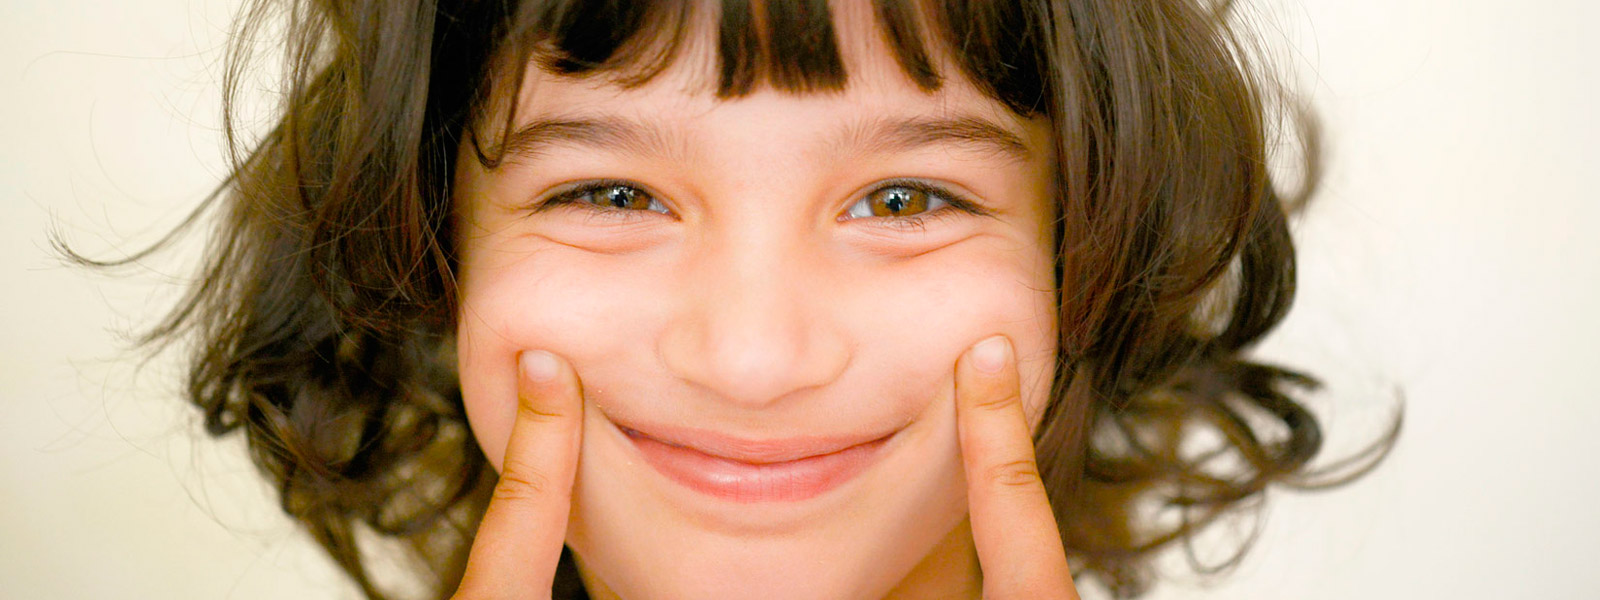 dentista_ninos_infancia_clinica_mallorca_dentista_1600x600